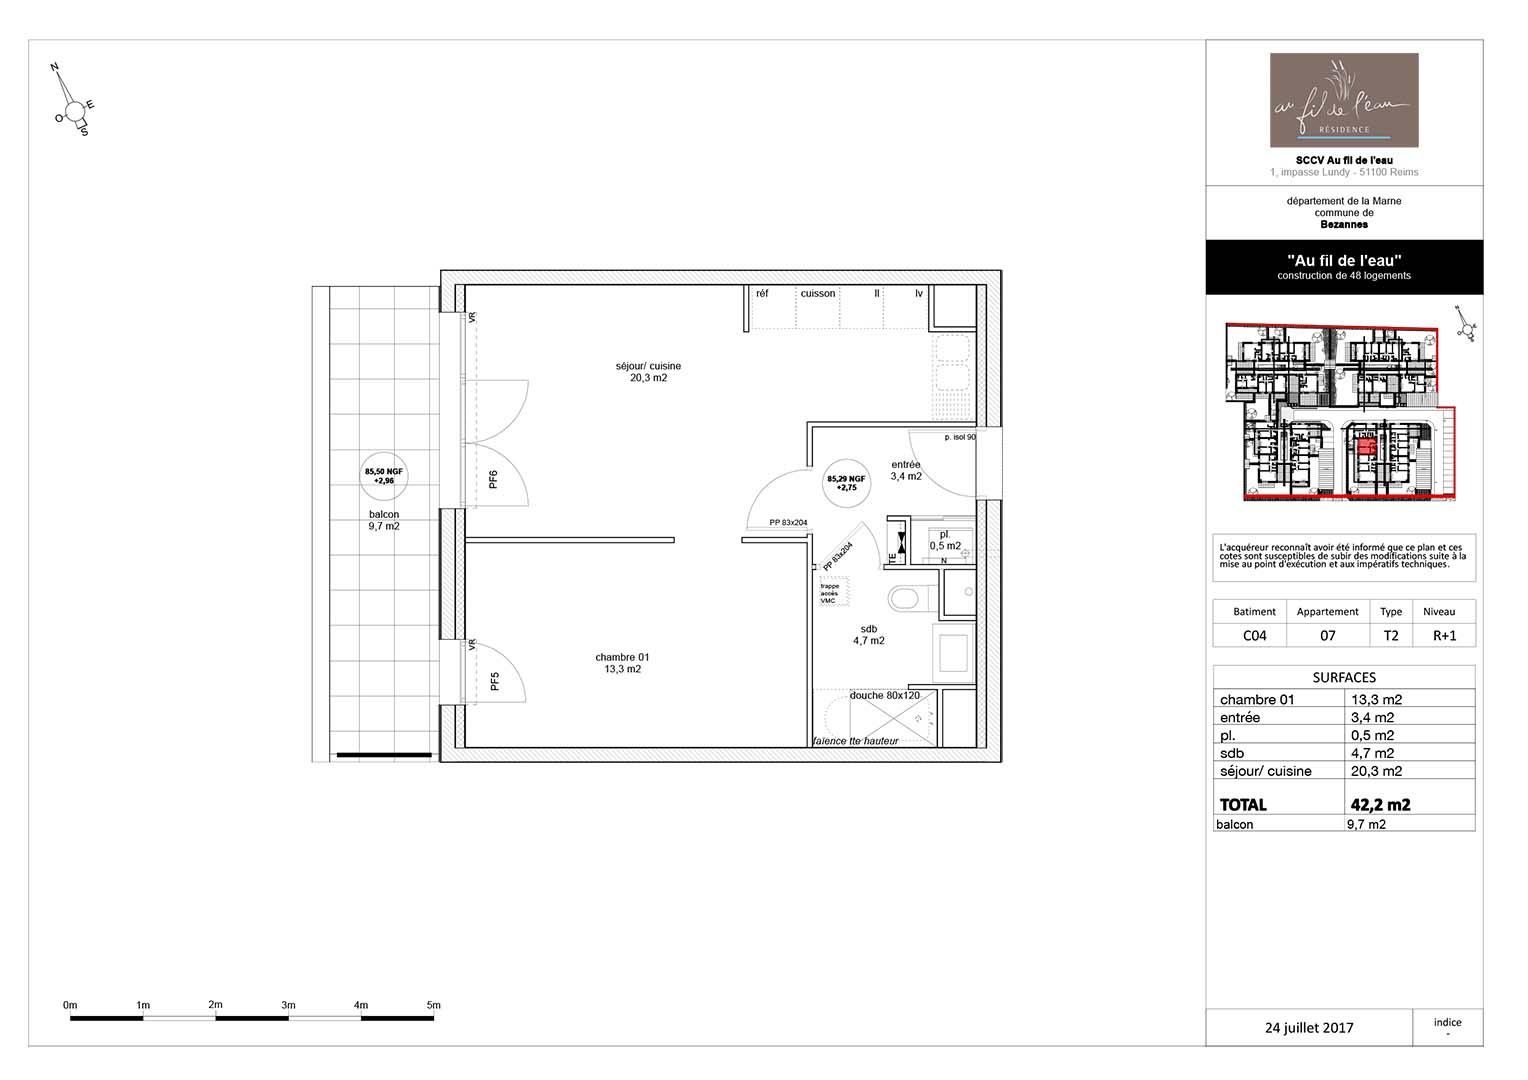 appartement C04-07 de type T2